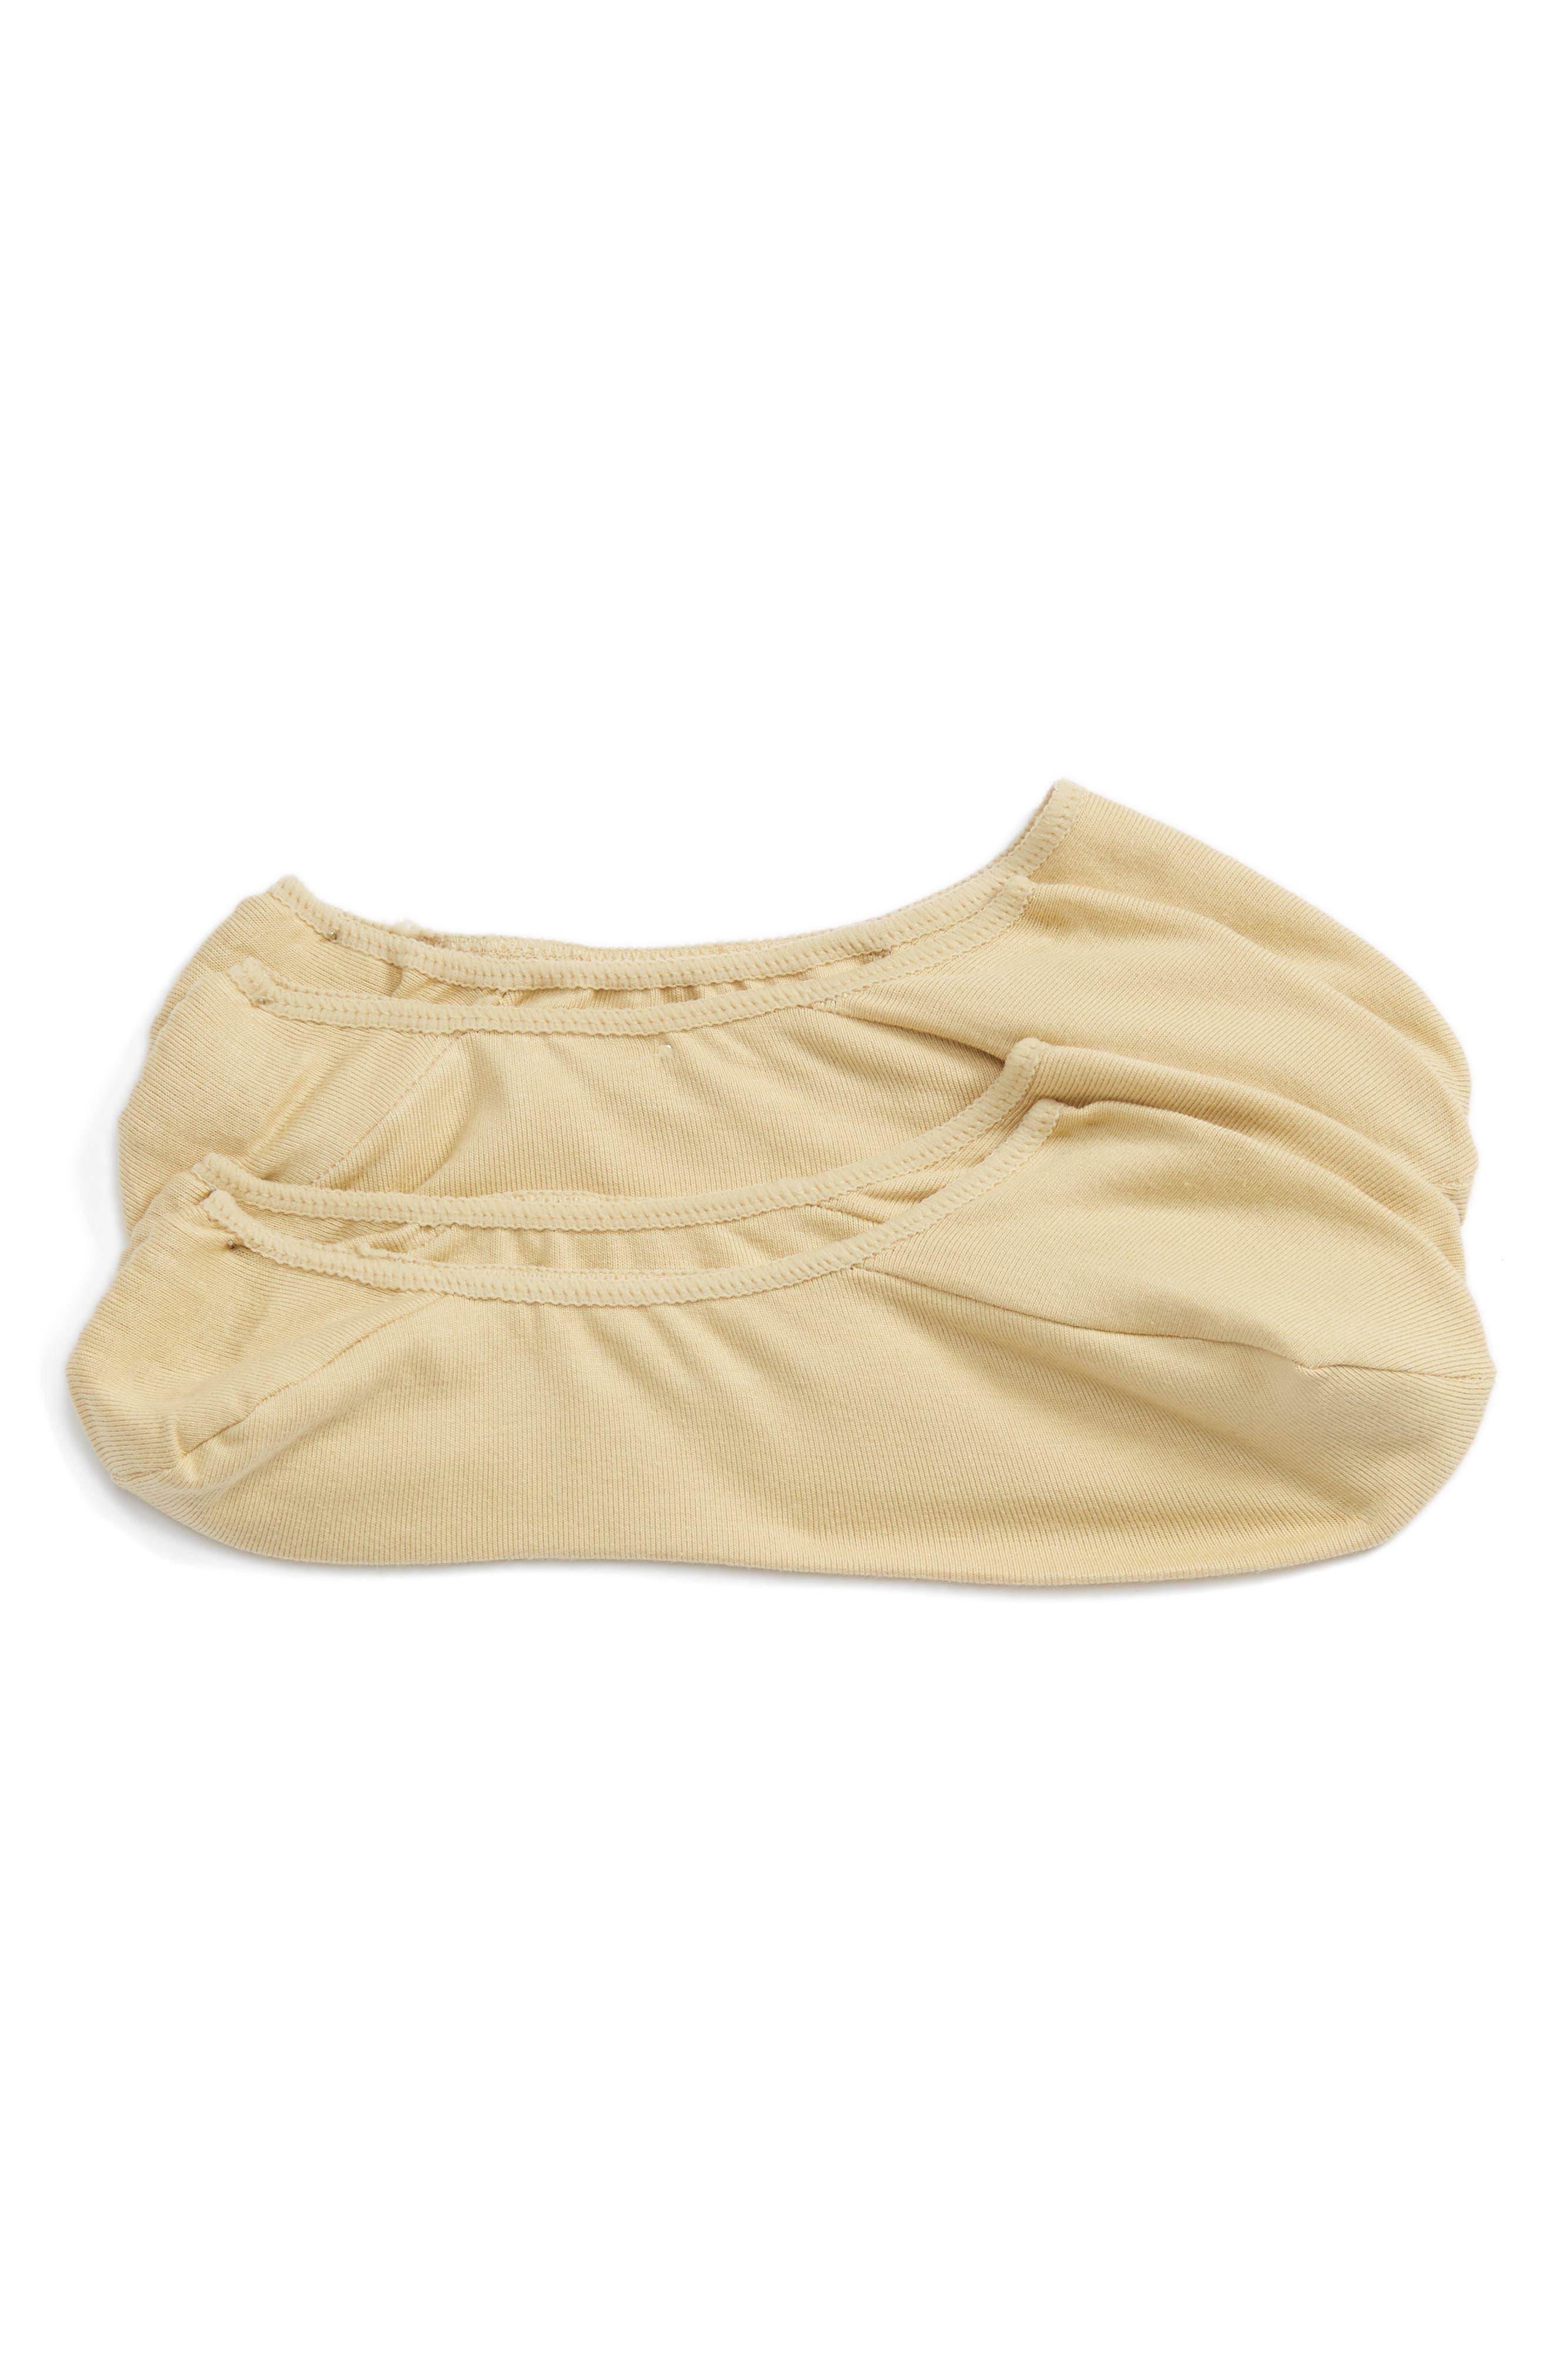 Nordstrom Men's Shop 2-Pack Dress Liner Socks